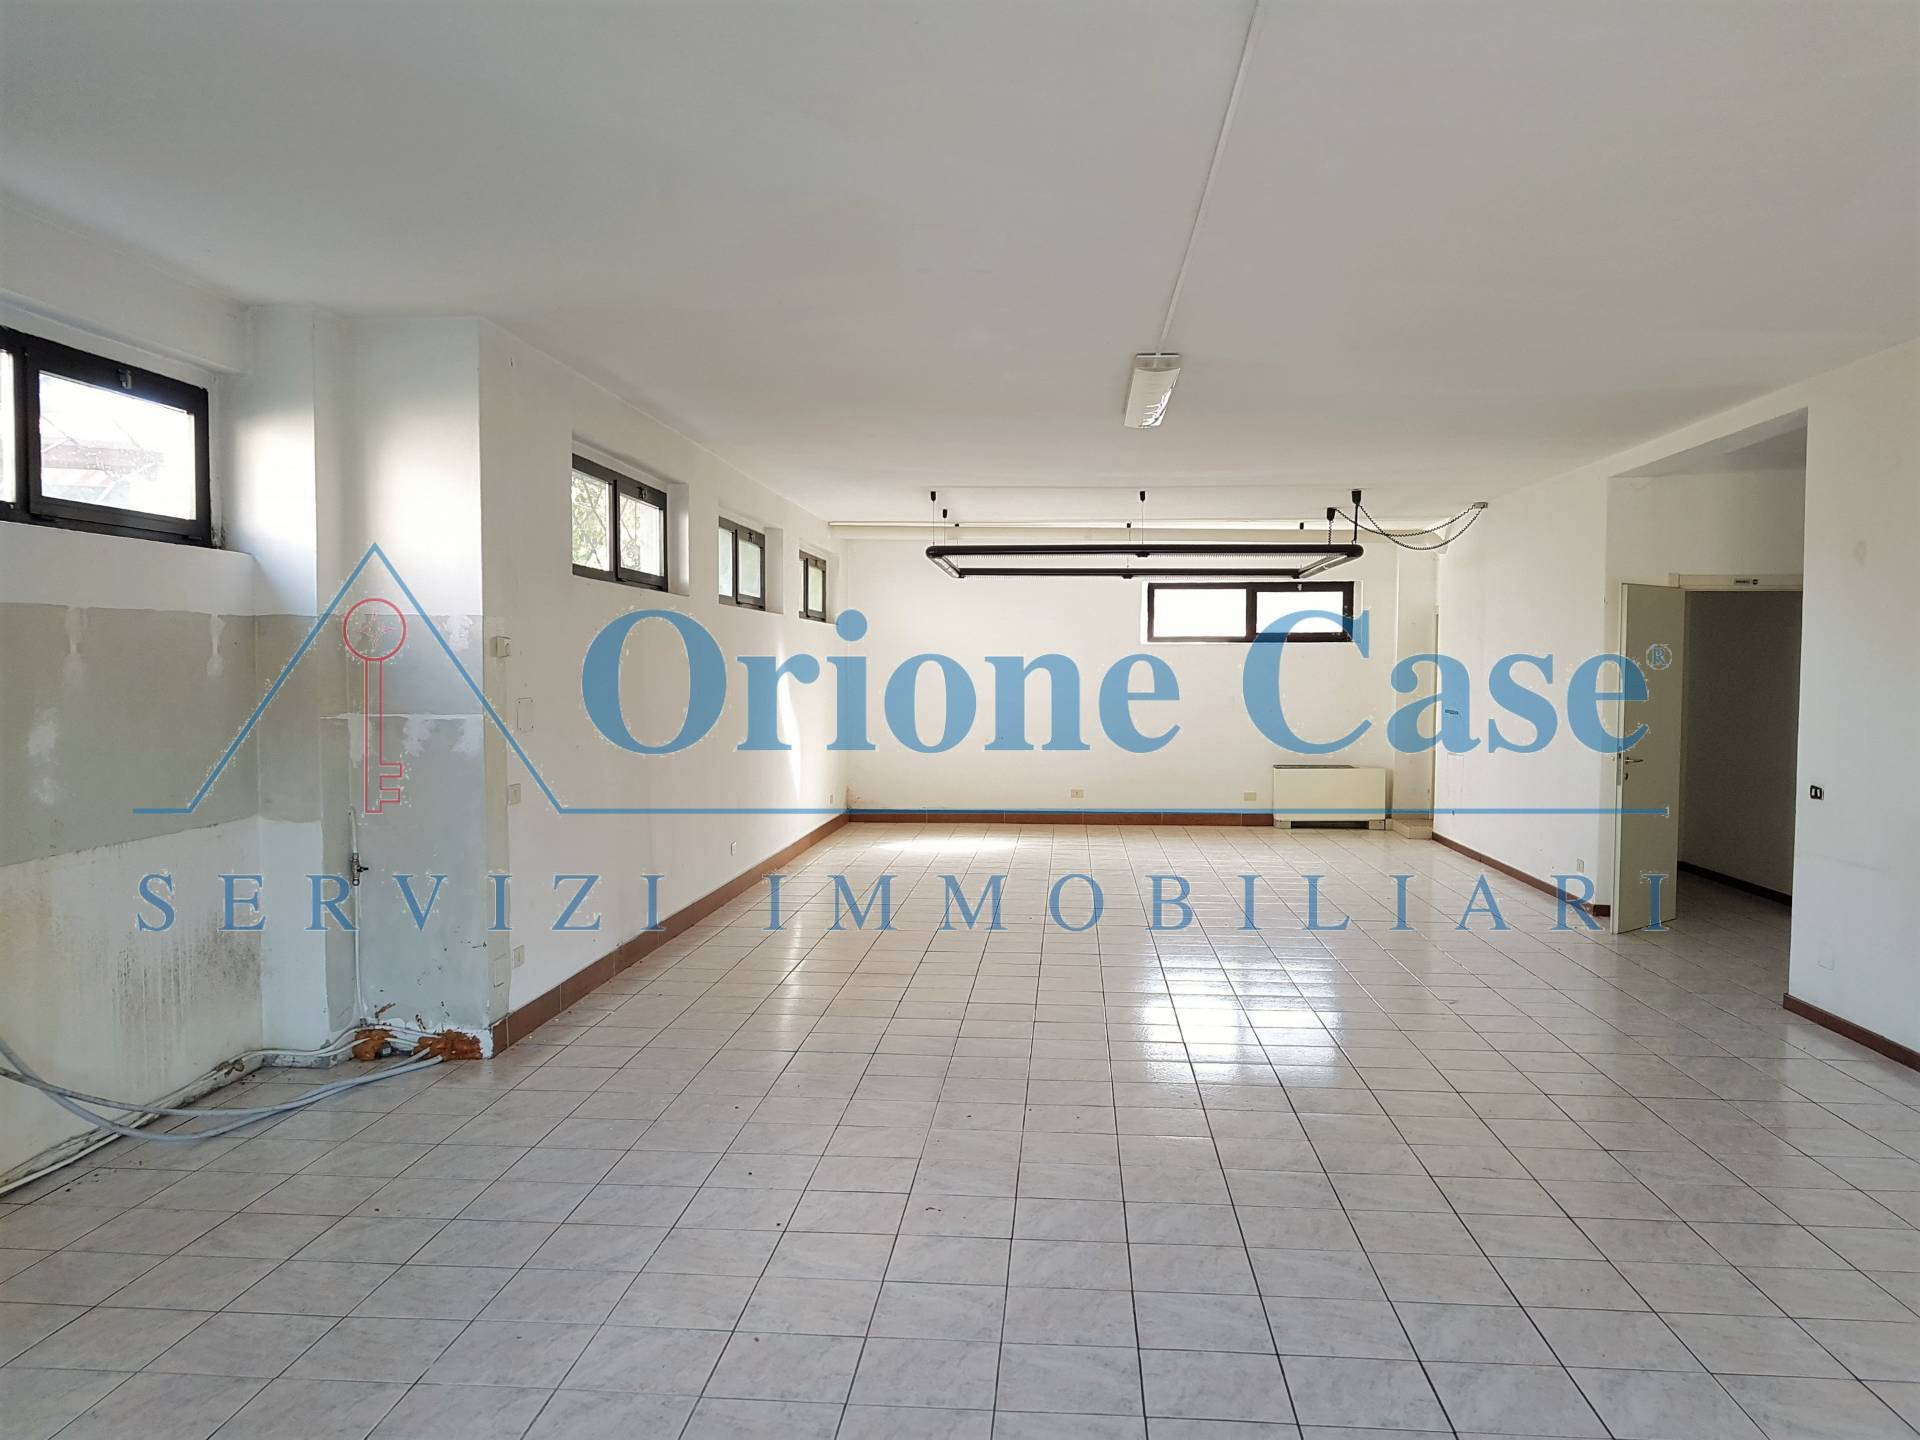 Negozio / Locale in vendita a Marchirolo, 9999 locali, prezzo € 130.000 | PortaleAgenzieImmobiliari.it